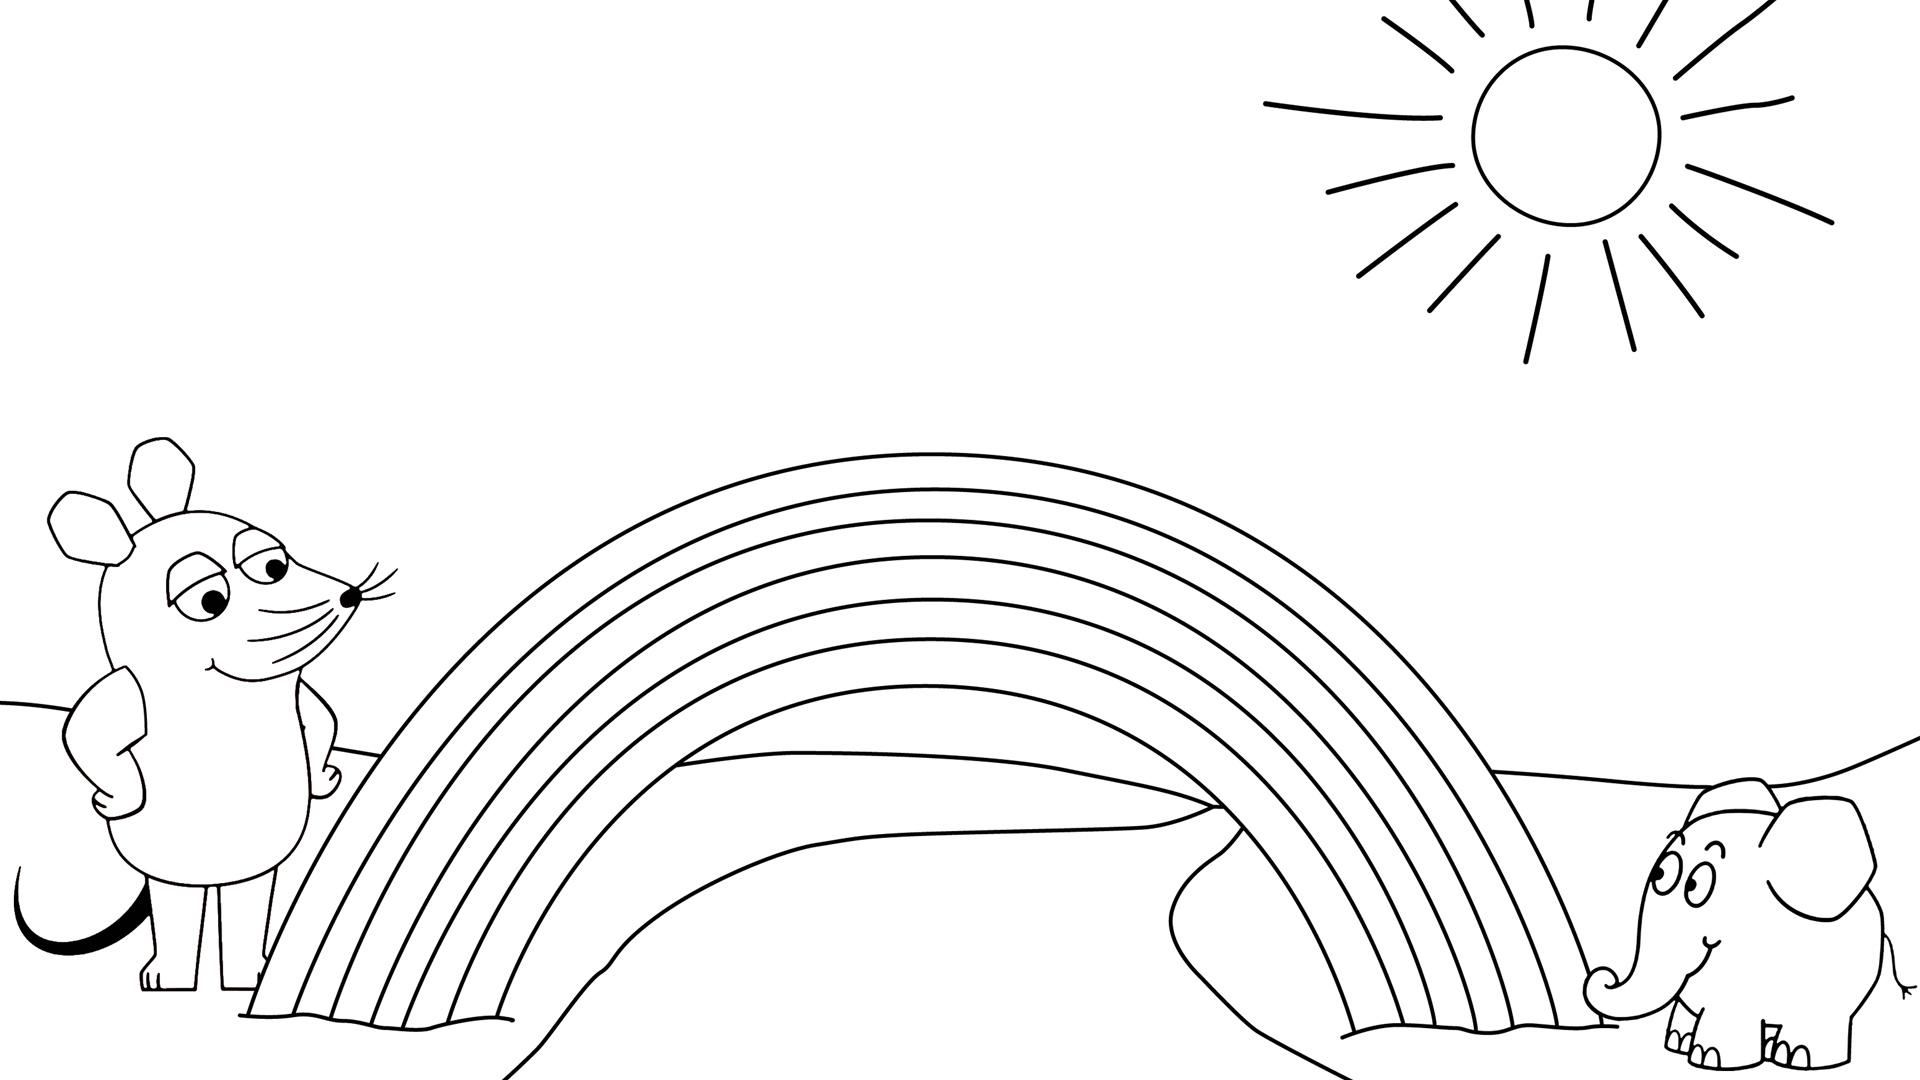 Regenbogen - Die Seite Mit Der Maus - Wdr verwandt mit Ausmalbilder Die Maus